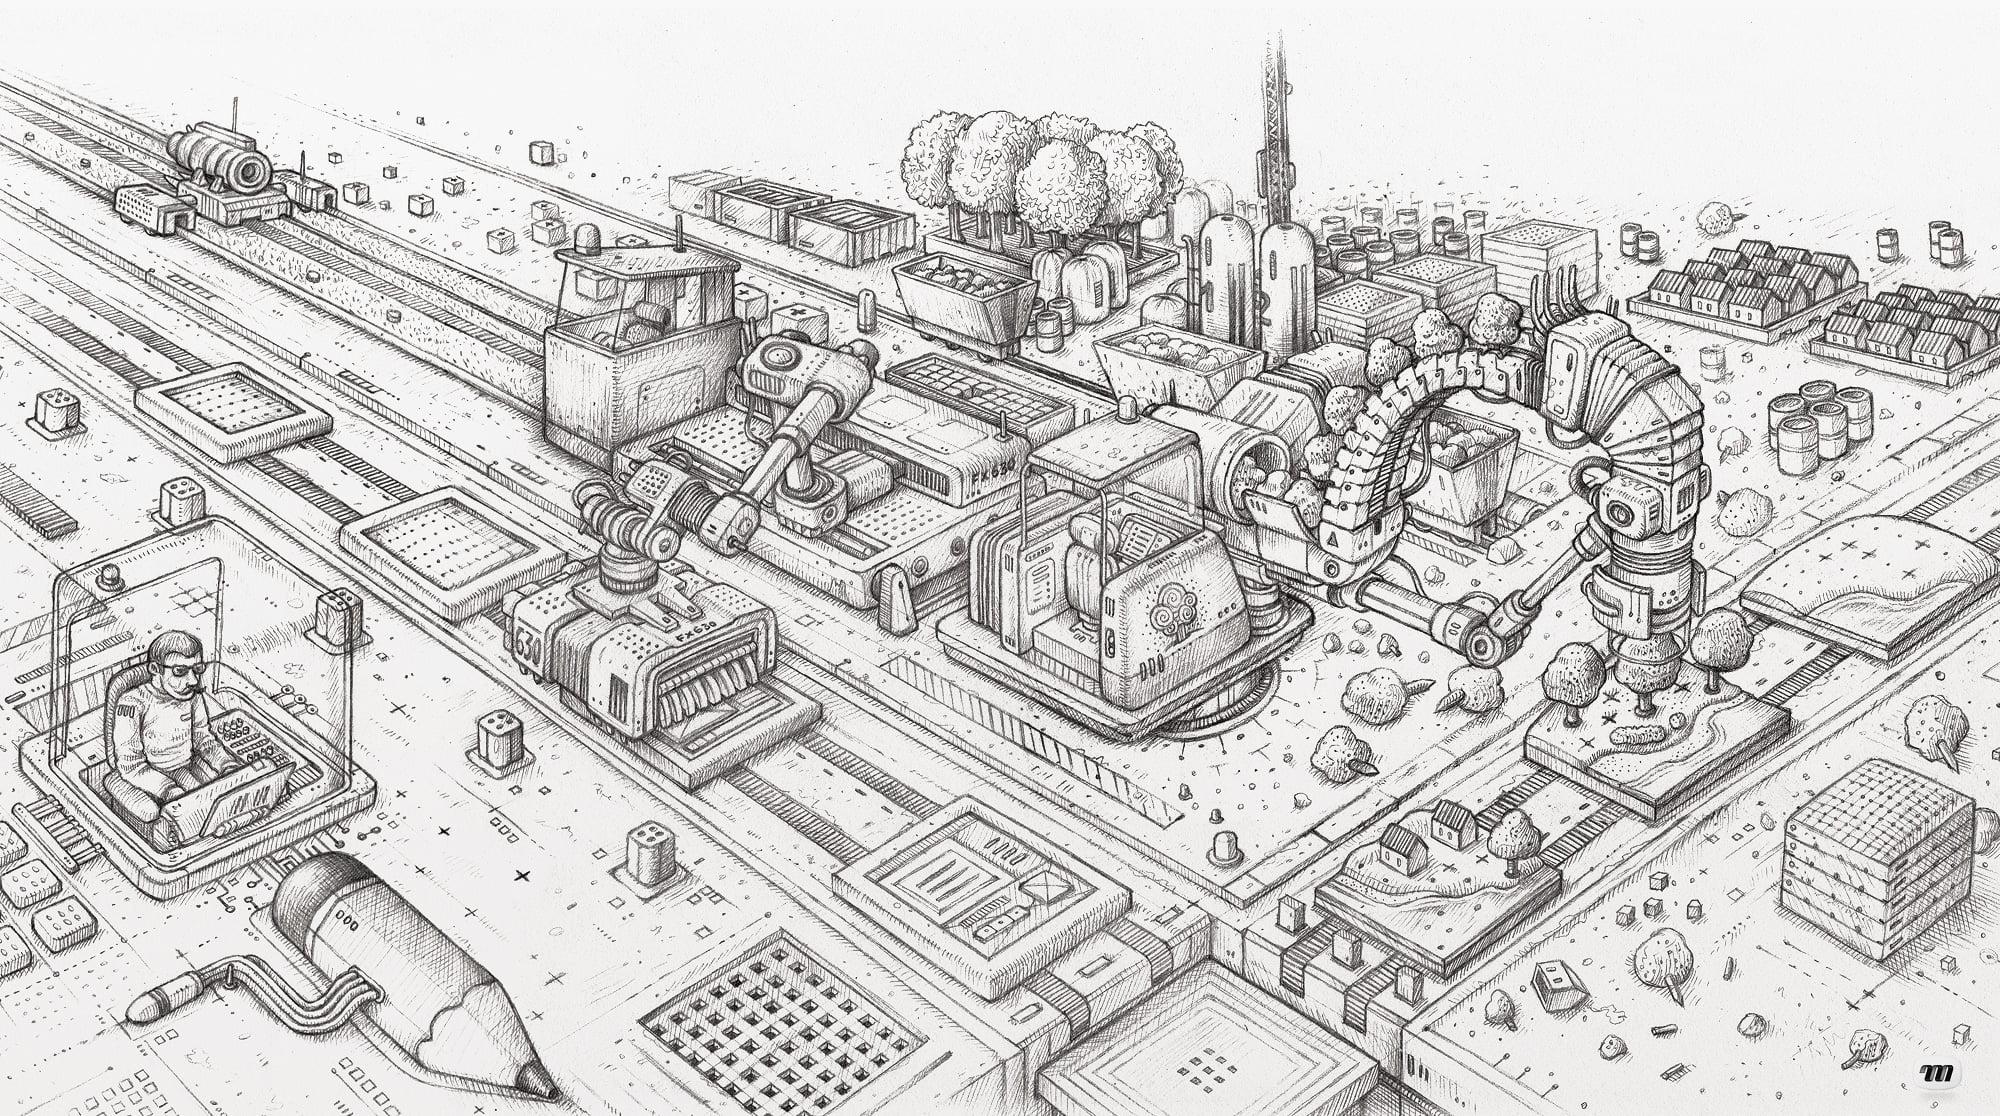 Illustration Mi Factory - image Dessin-preparatoire-illustration-MI-Factory on https://www.philippe-mignotte.fr